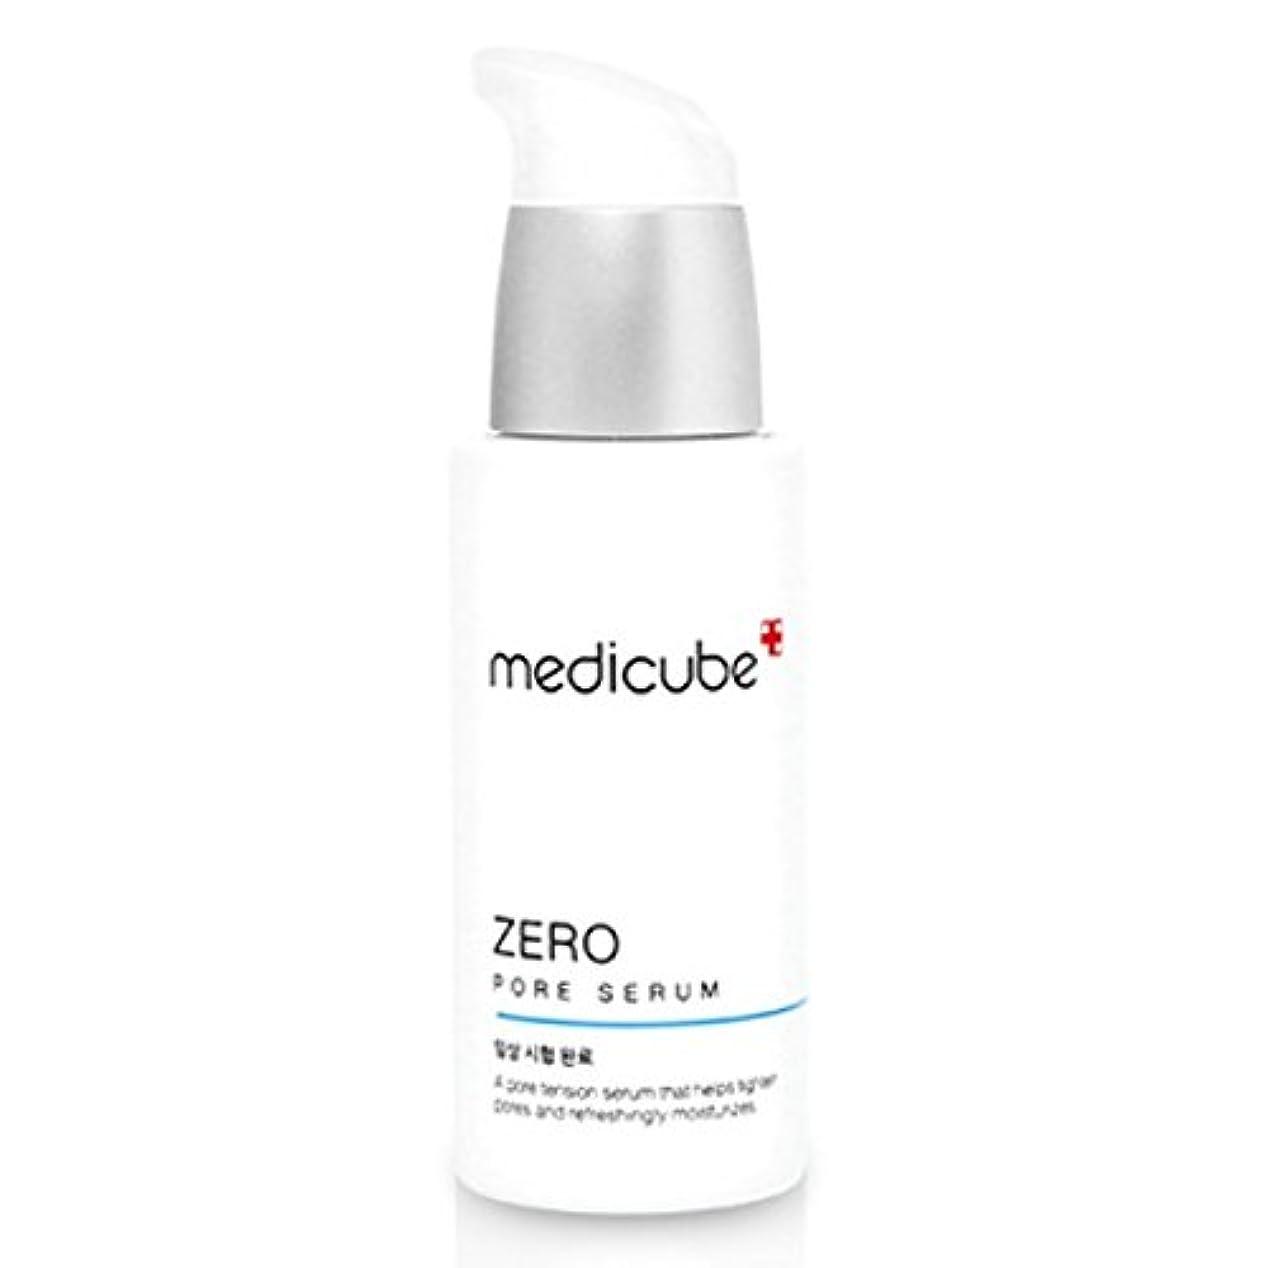 テレマコス環境に優しい取り壊す[Medicube メディキューブ] ゼロポアセラム 27ml / Zero Pore Serum 27ml [並行輸入品]